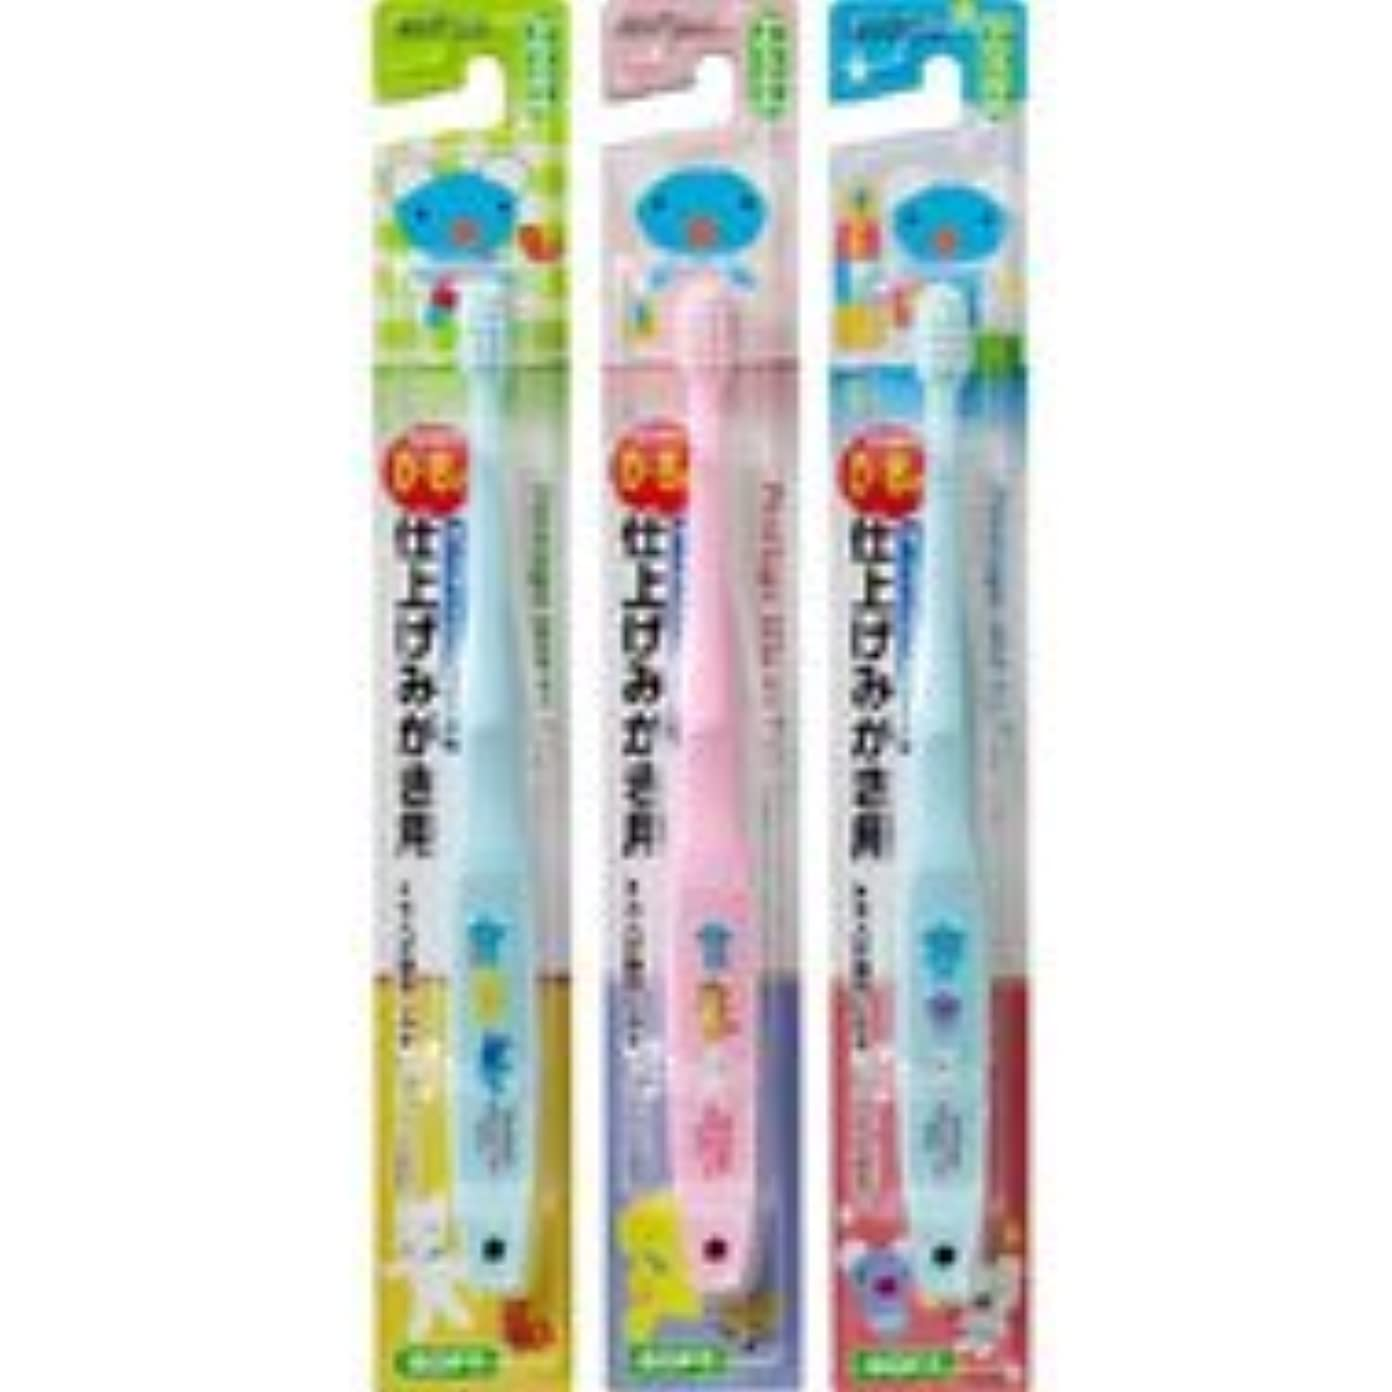 第三令状要件ペネロペ仕上げ磨き用歯ブラシ 3本 ※種類は当店お任せとなります